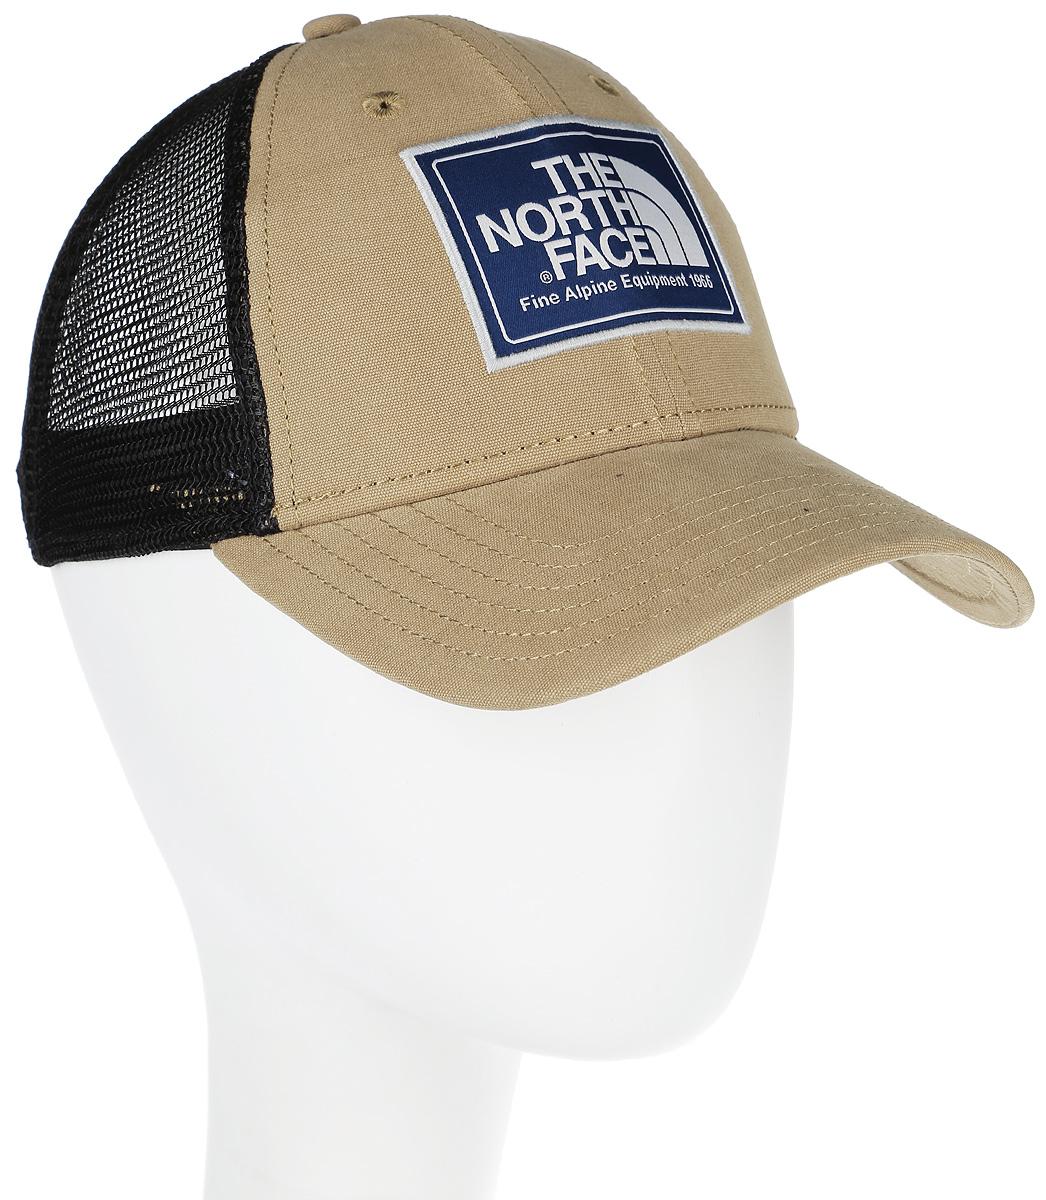 Бейсболка The North Face Mudder Trucker Hat, цвет: хаки, бежевый. T0CGW2SCG. Размер универсальный бейсболка the north face mudder trucker hat цвет хаки бежевый t0cgw2scg размер универсальный